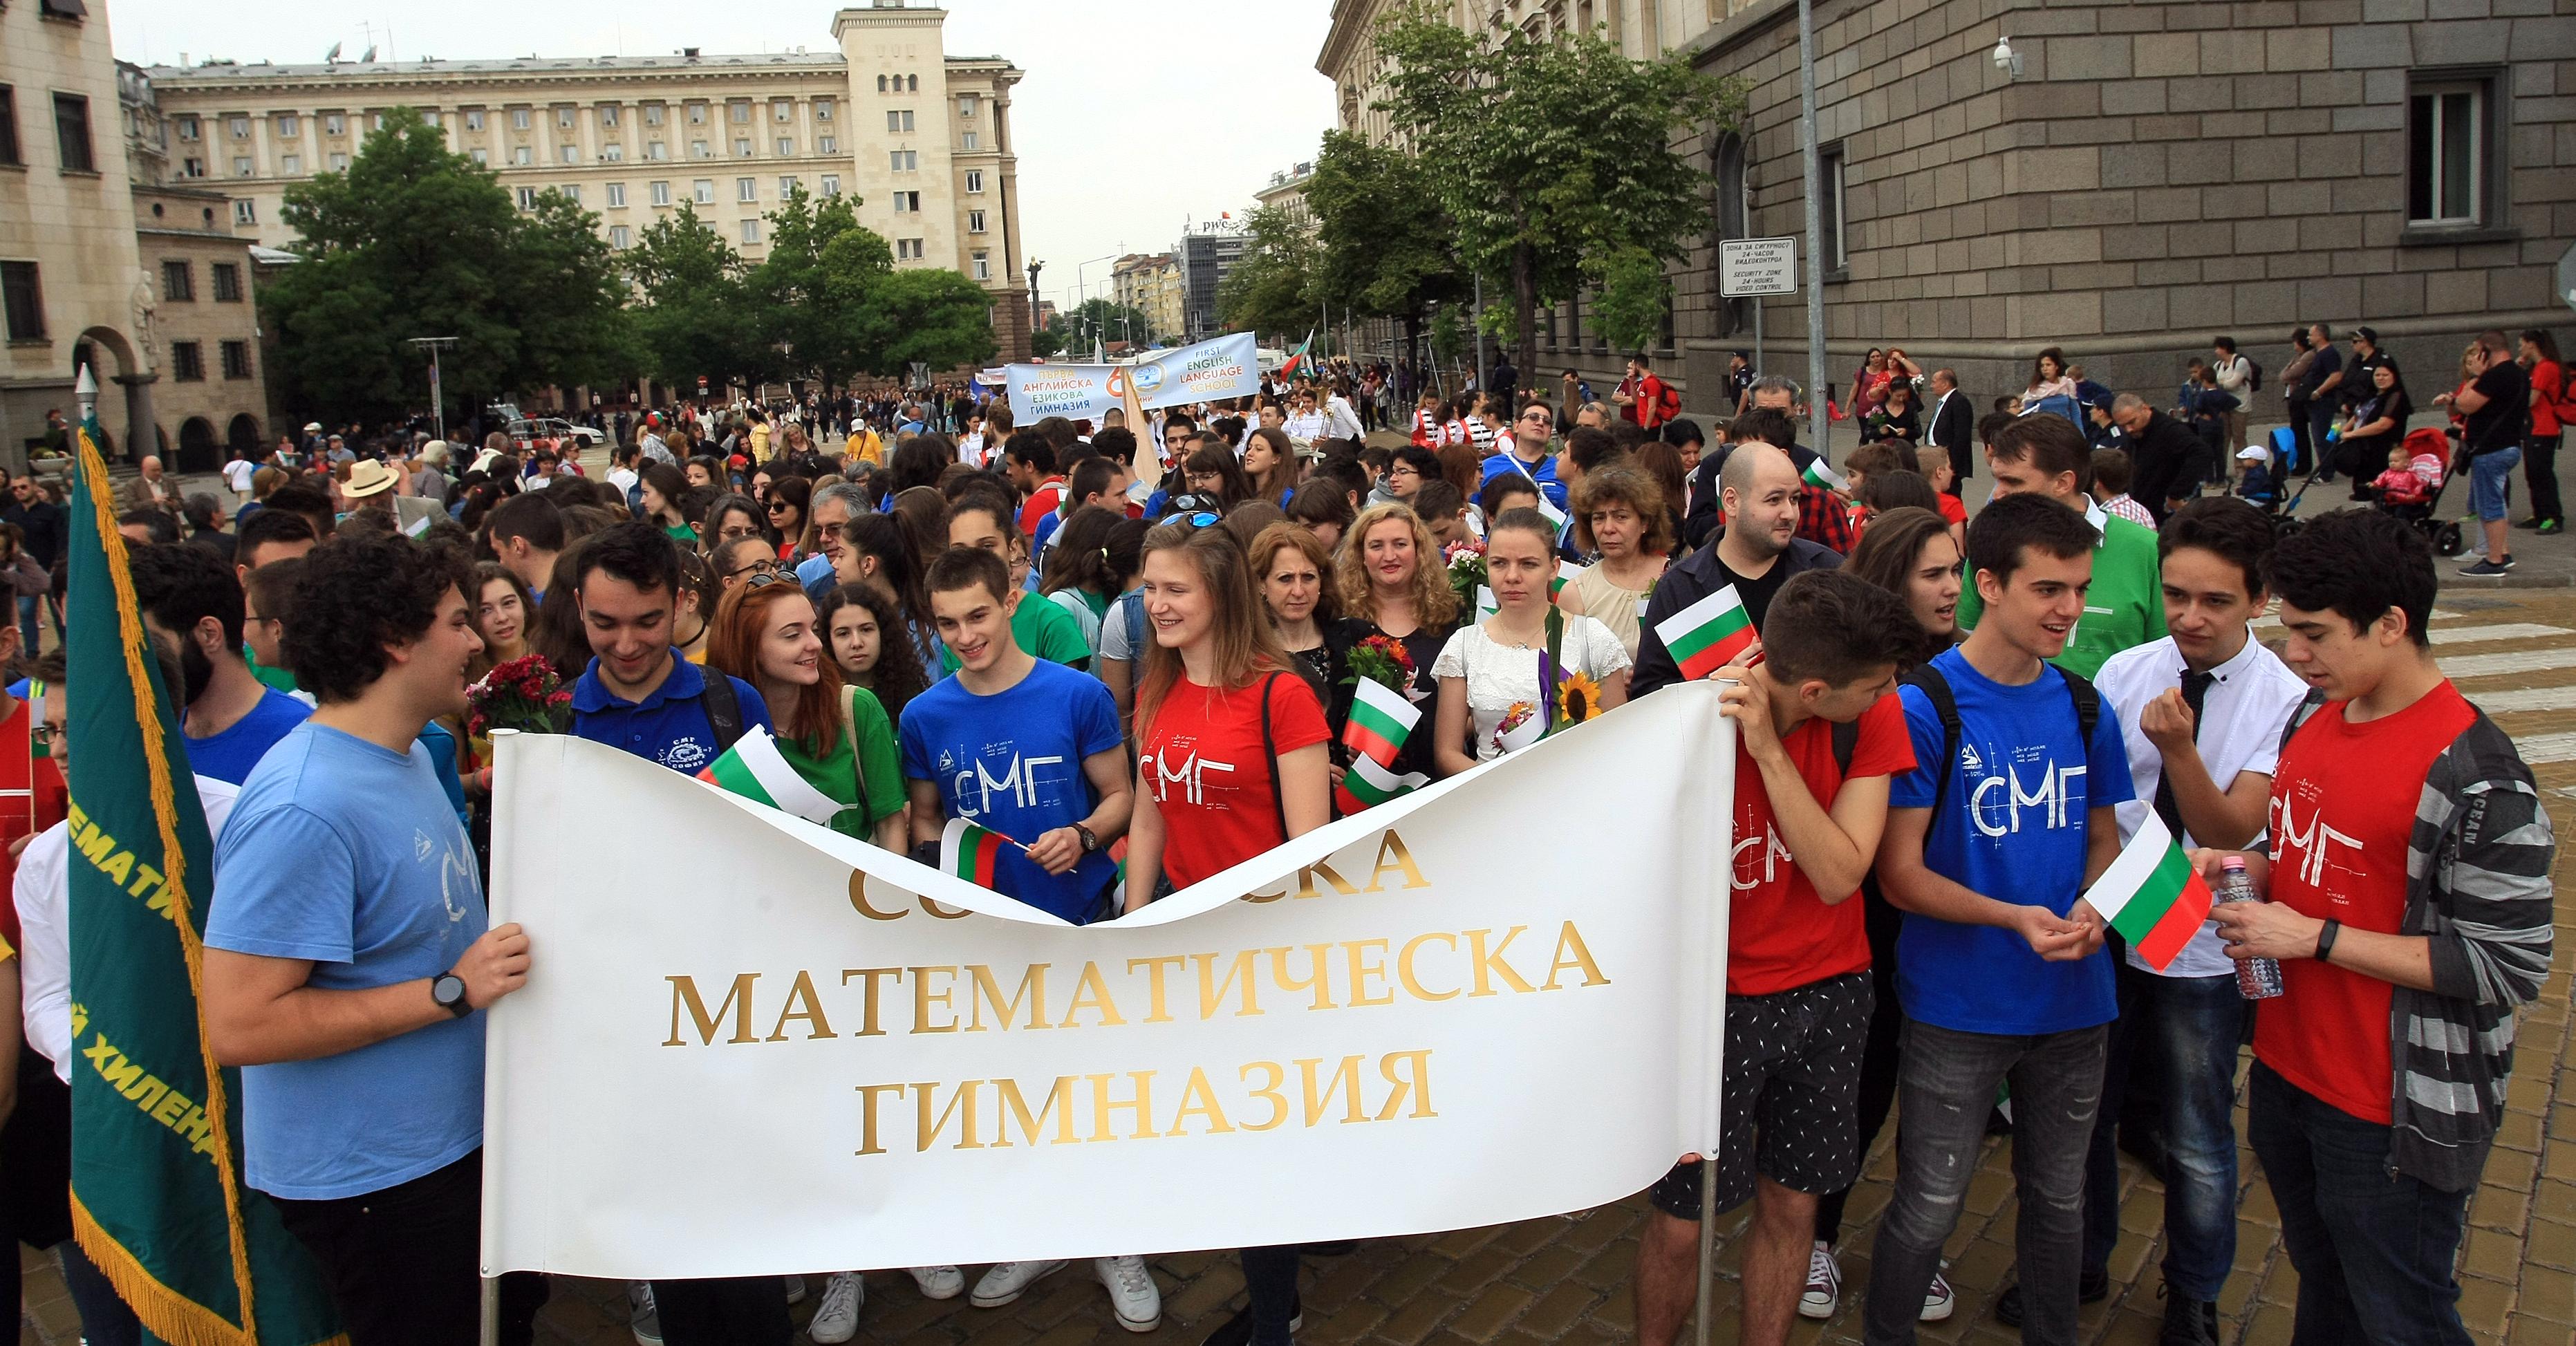 В празника участват много деца, които носят знамена, балони и цветя. В шествието участват и представители на Българската православна църква, общественици и политици.